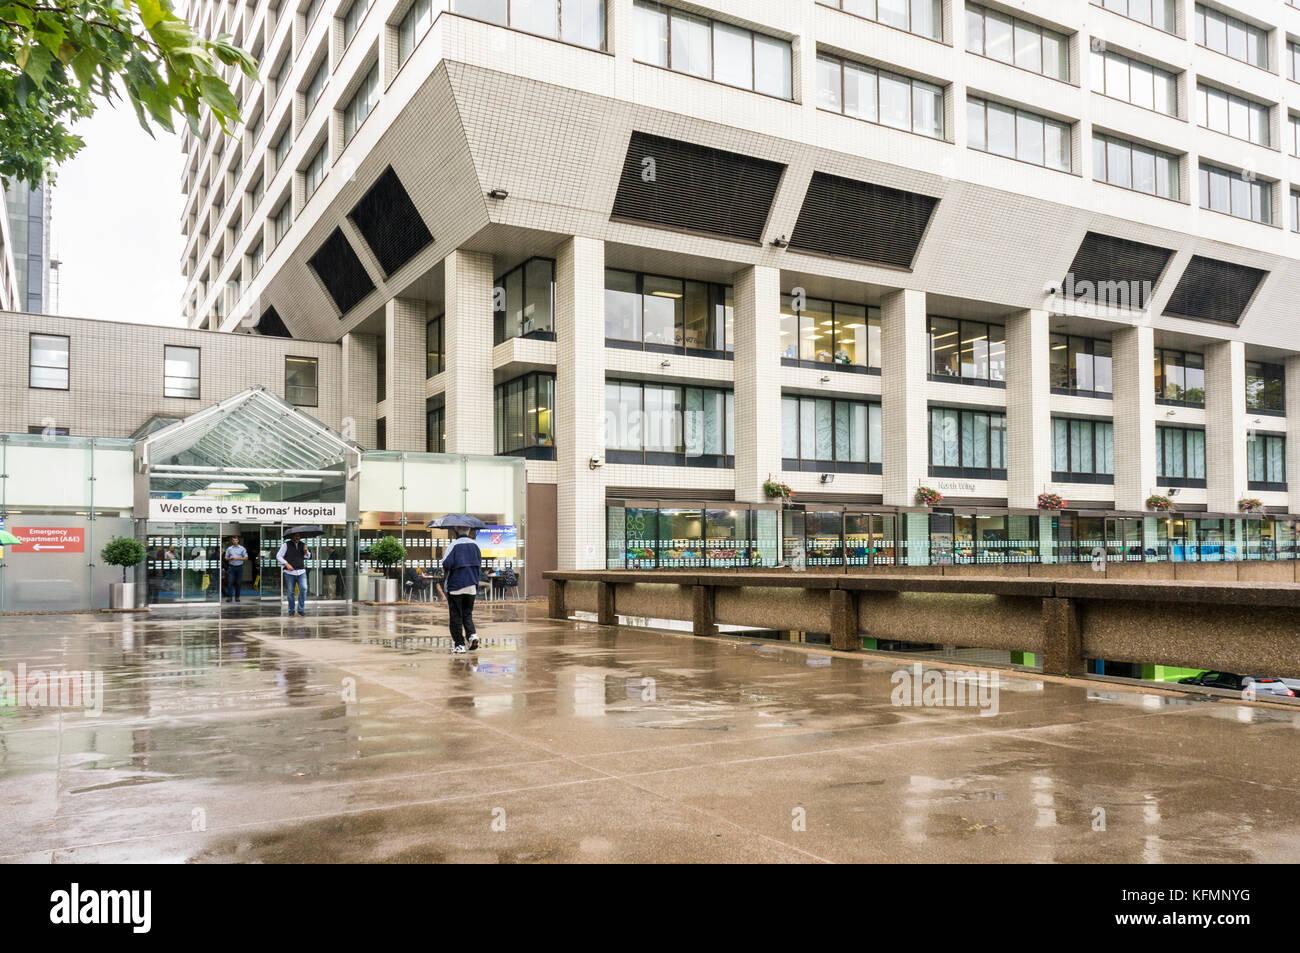 St Thomas Hospital, Westminster, London, England, GB, UK - Stock Image